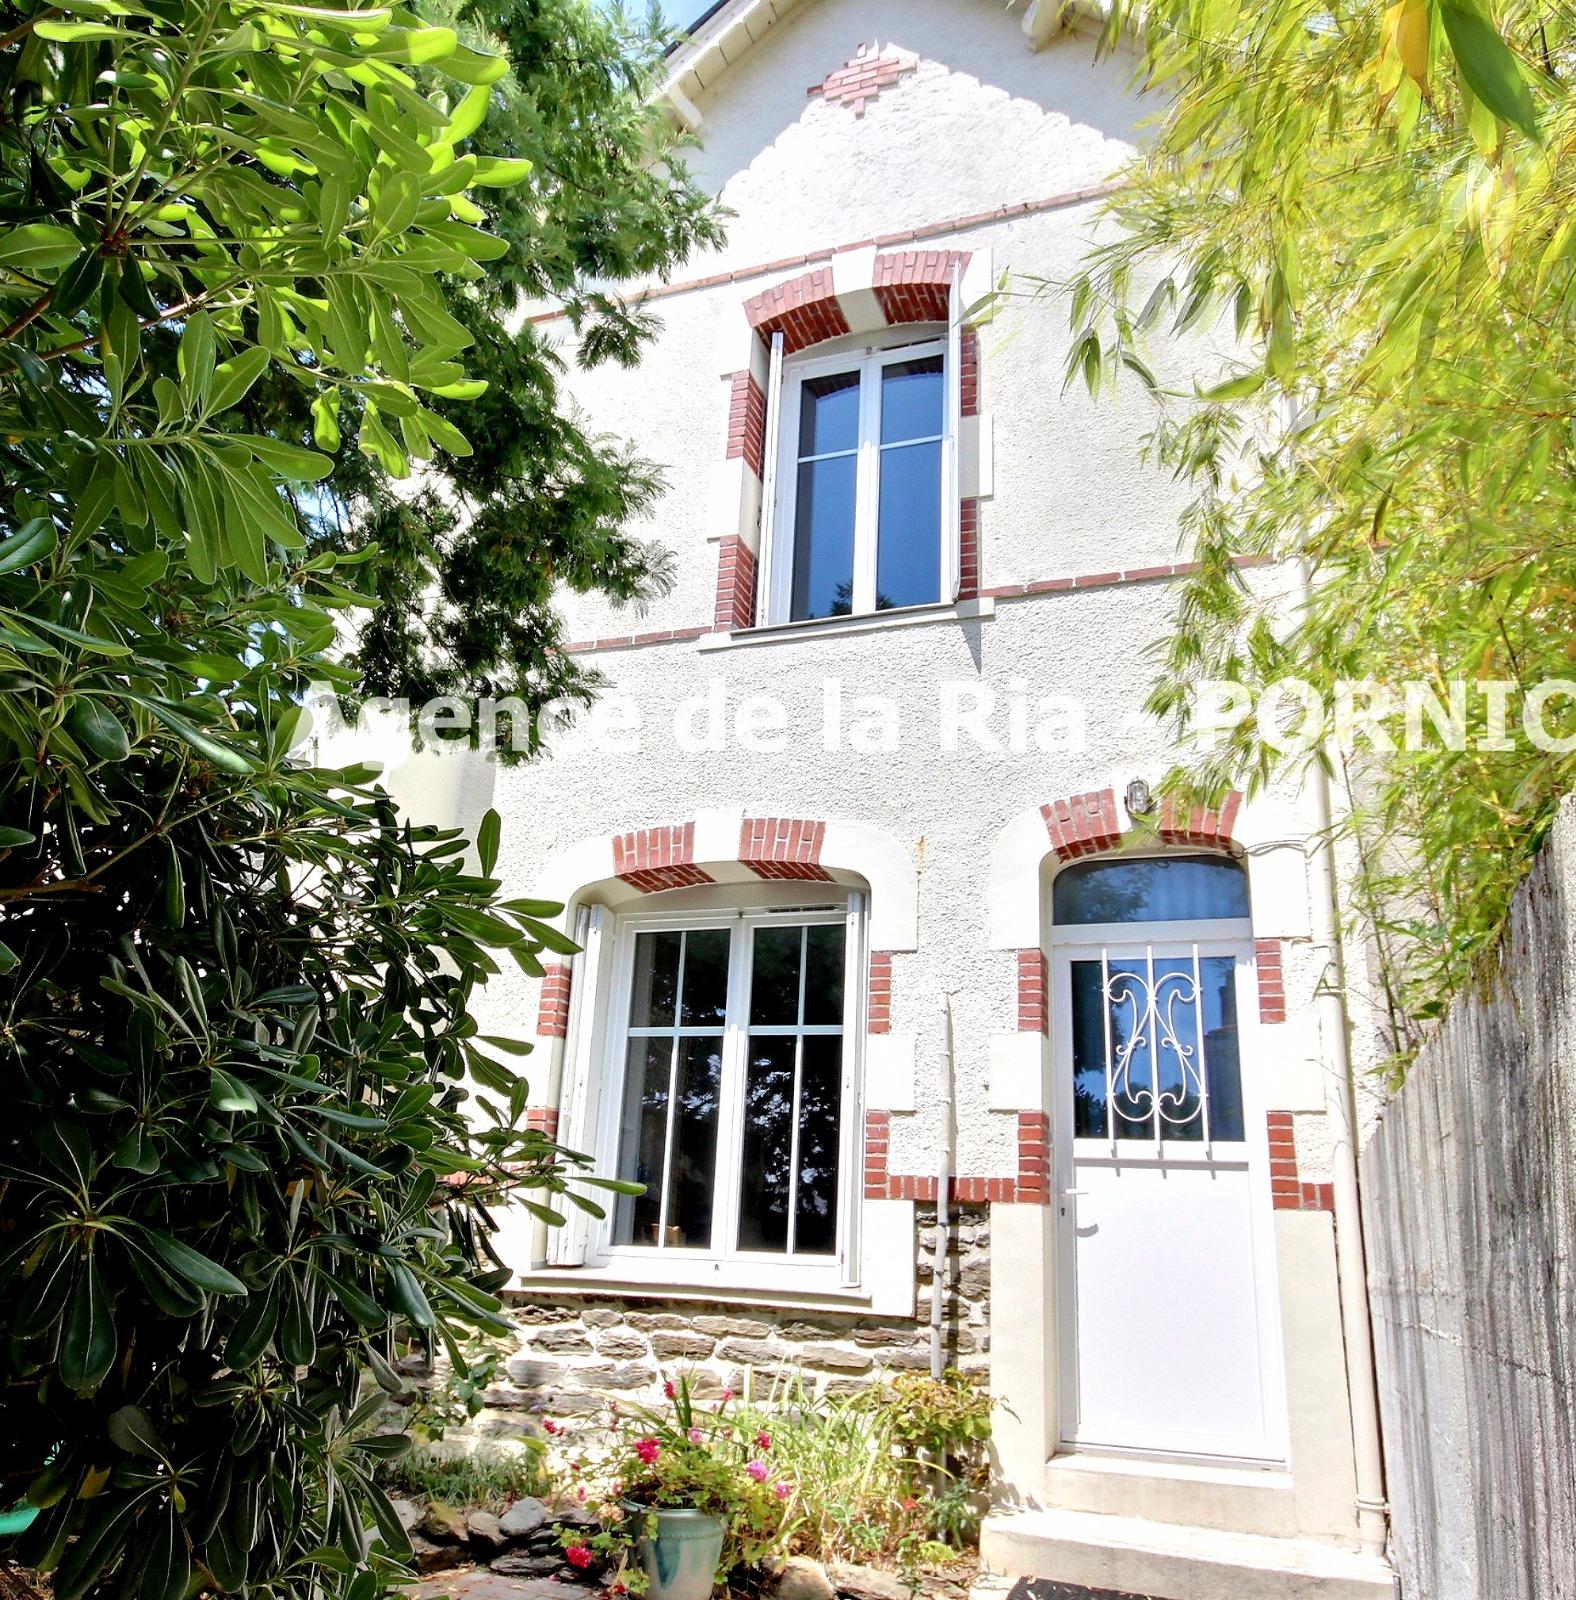 Maison de charme dans le bourg de sainte marie deux pas des commerces et plages agence de la for Asilo masi maison de charme